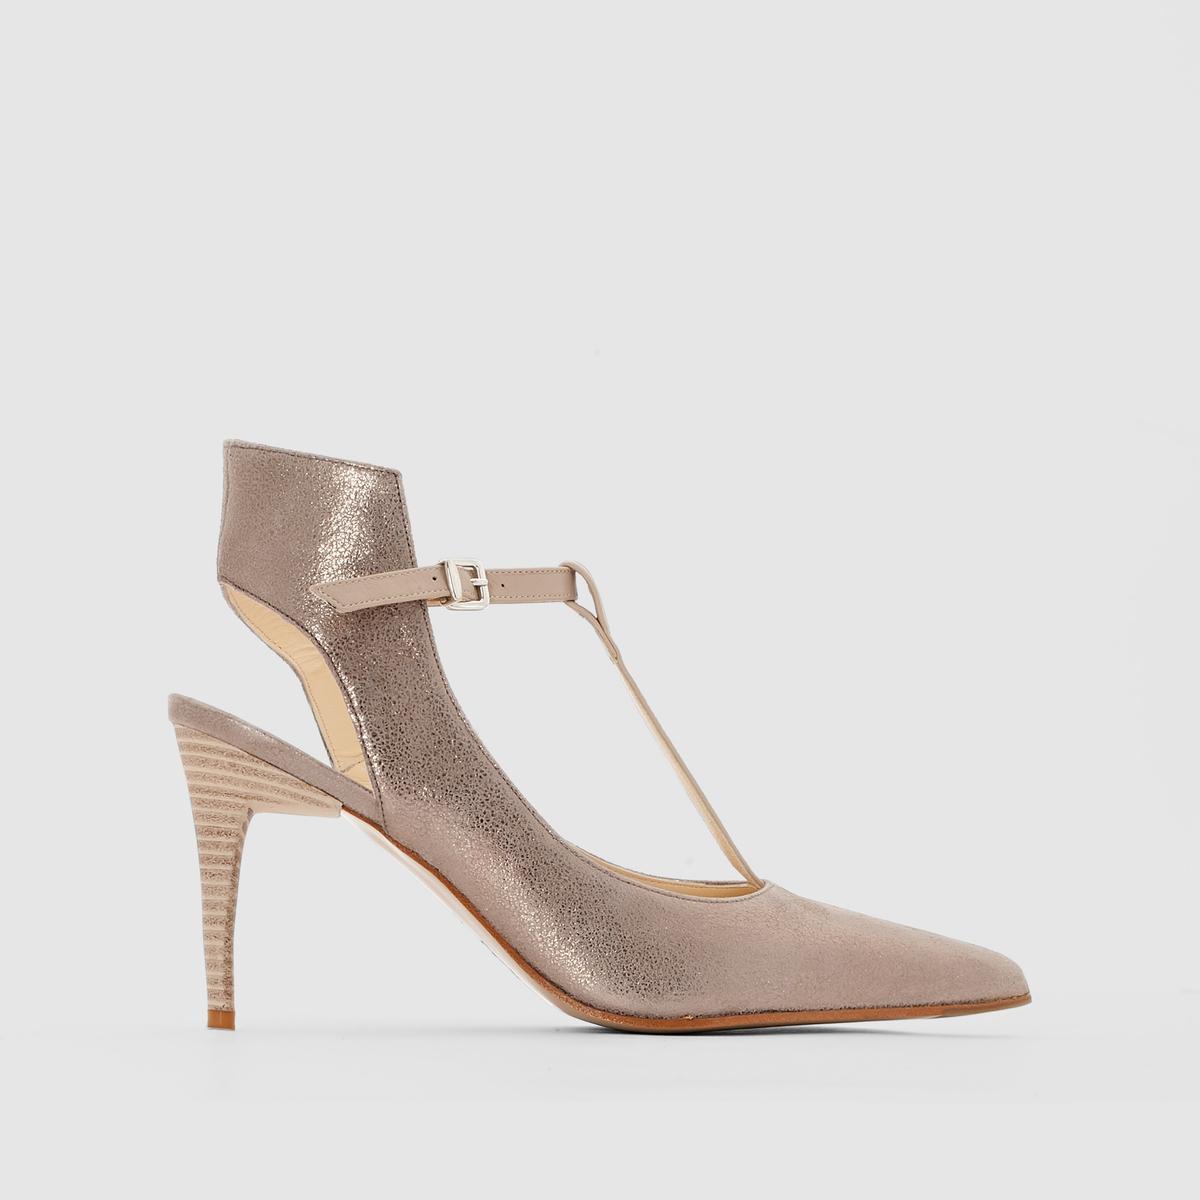 Туфли кожаные, ELIZABETH STUART, LeaПреимущества: воплощение элегантности и изысканности - туфли от ELIZABETH STUART, из матовой кожи с радужным переливом, с металлической пряжкой на щиколотке.<br><br>Цвет: бежевый с блеском<br>Размер: 40